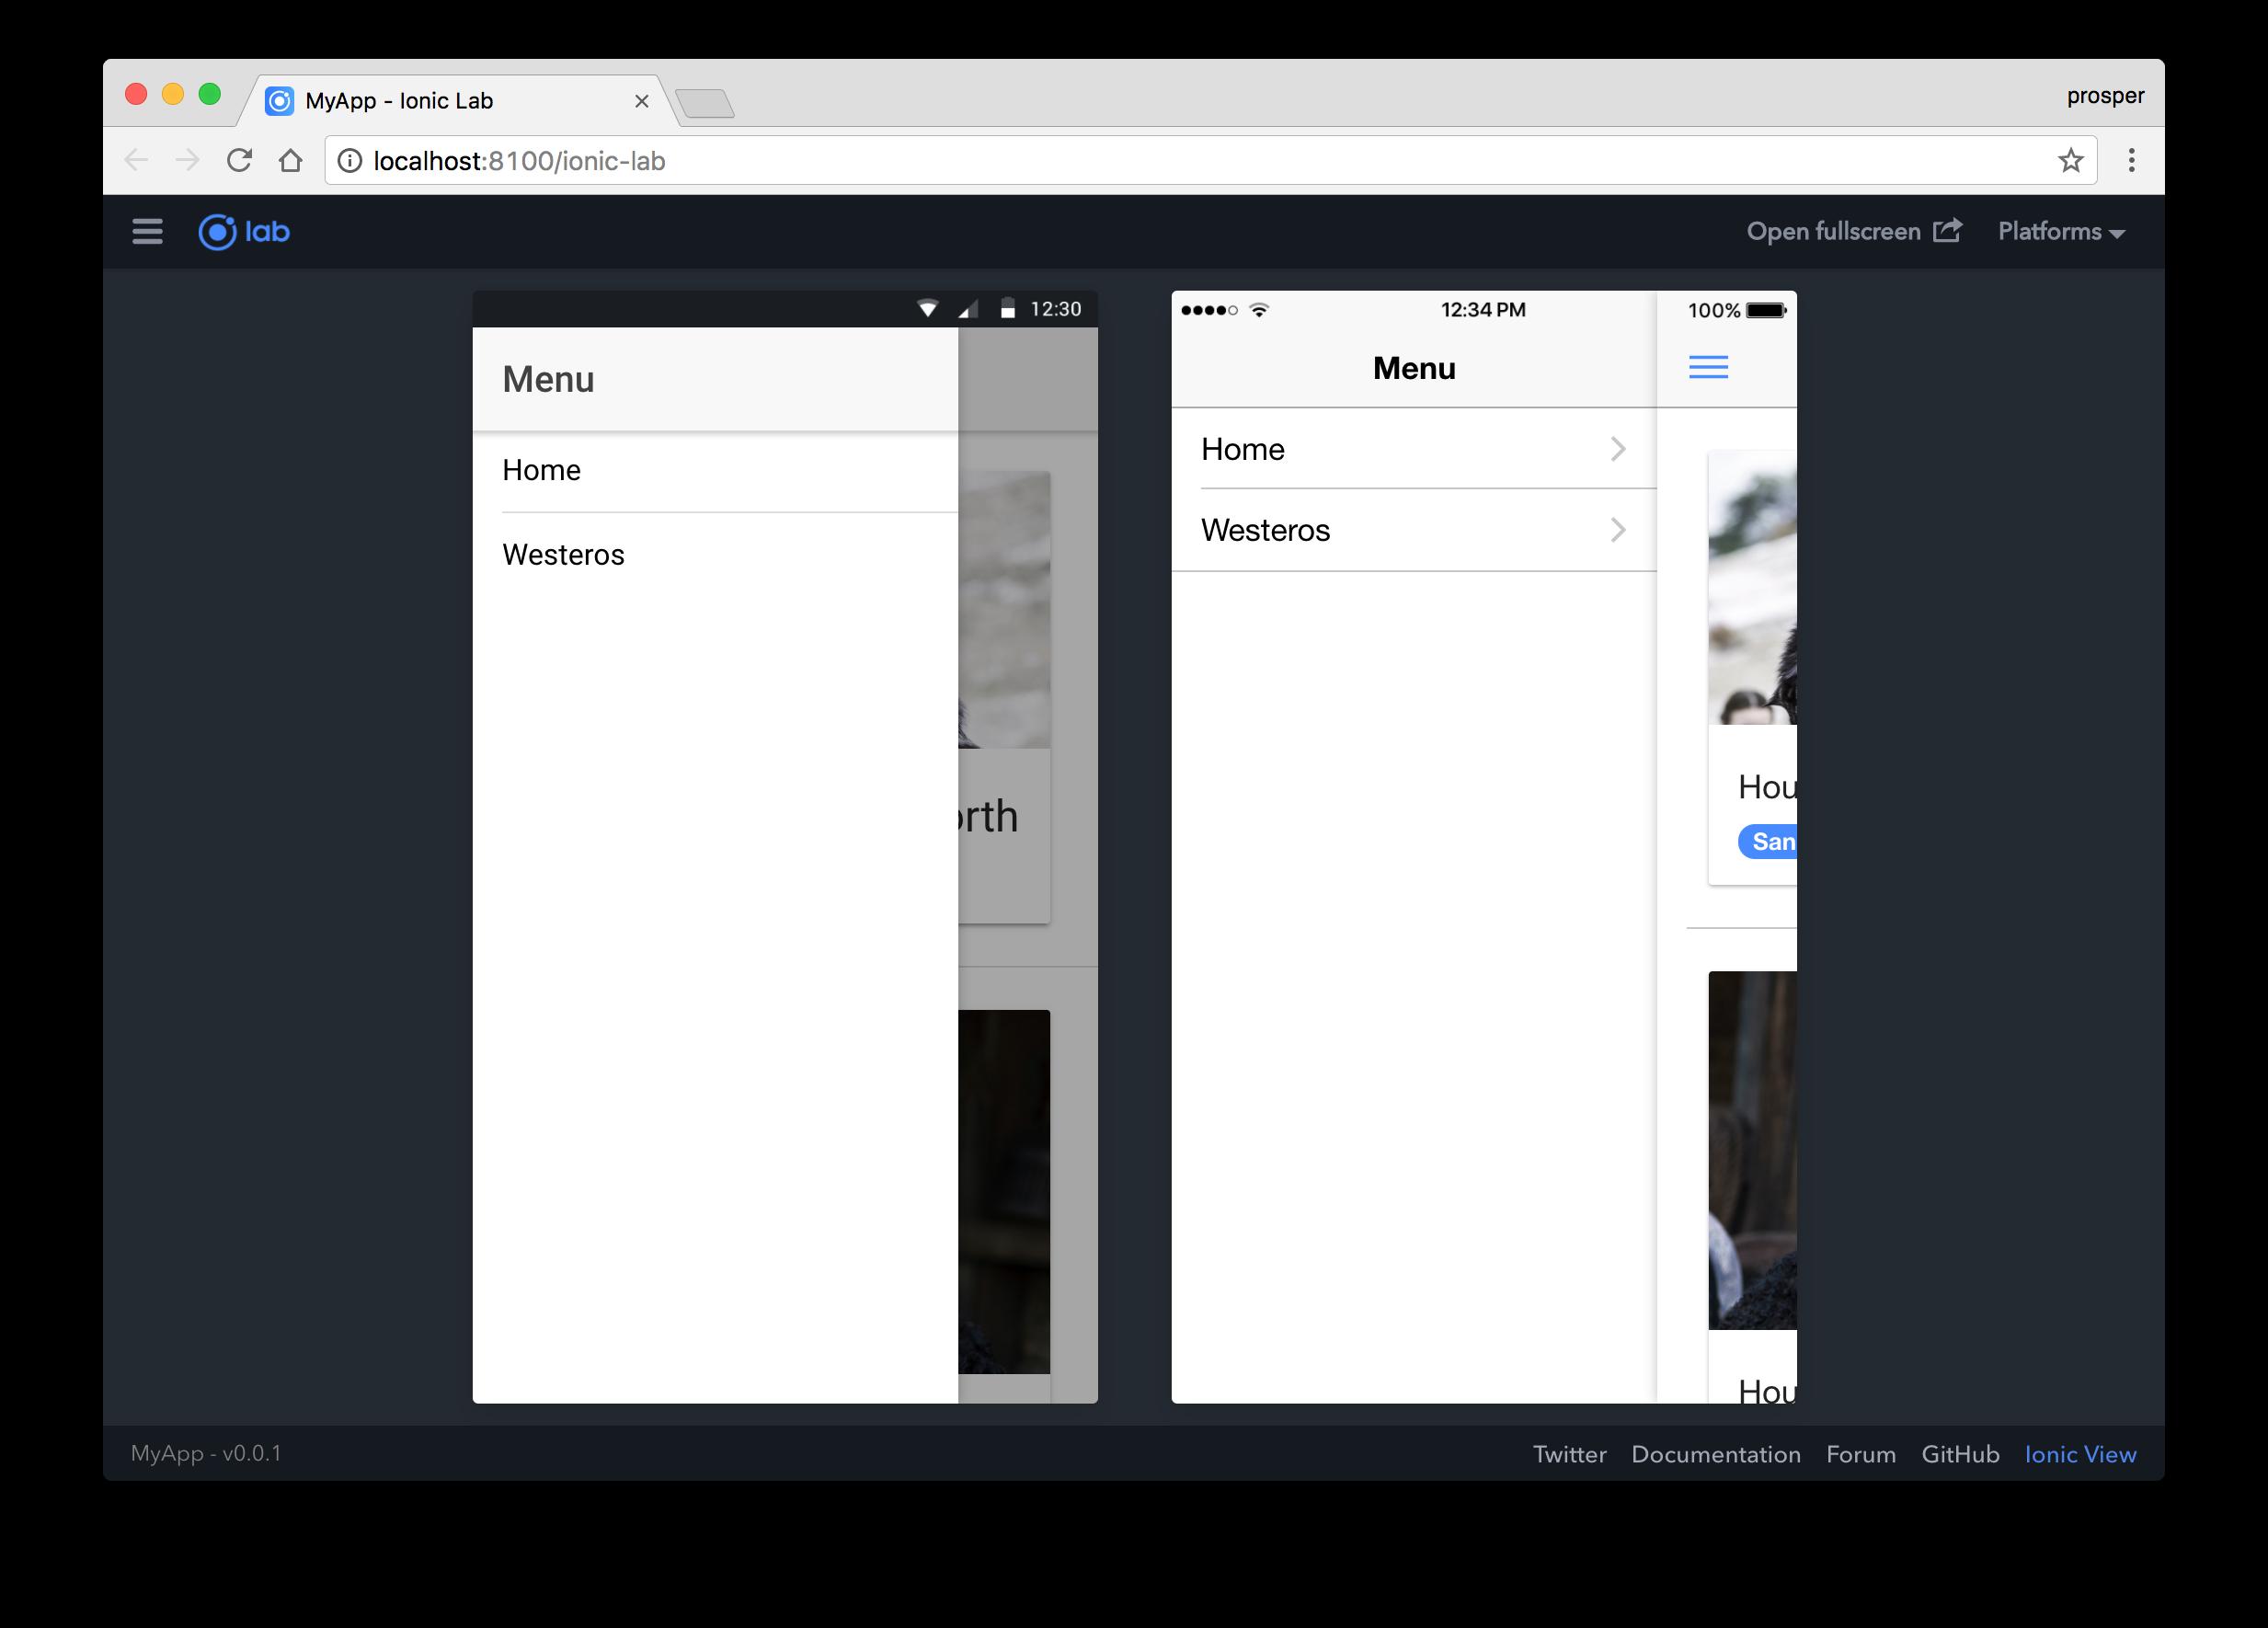 Sidemenu - GOT app